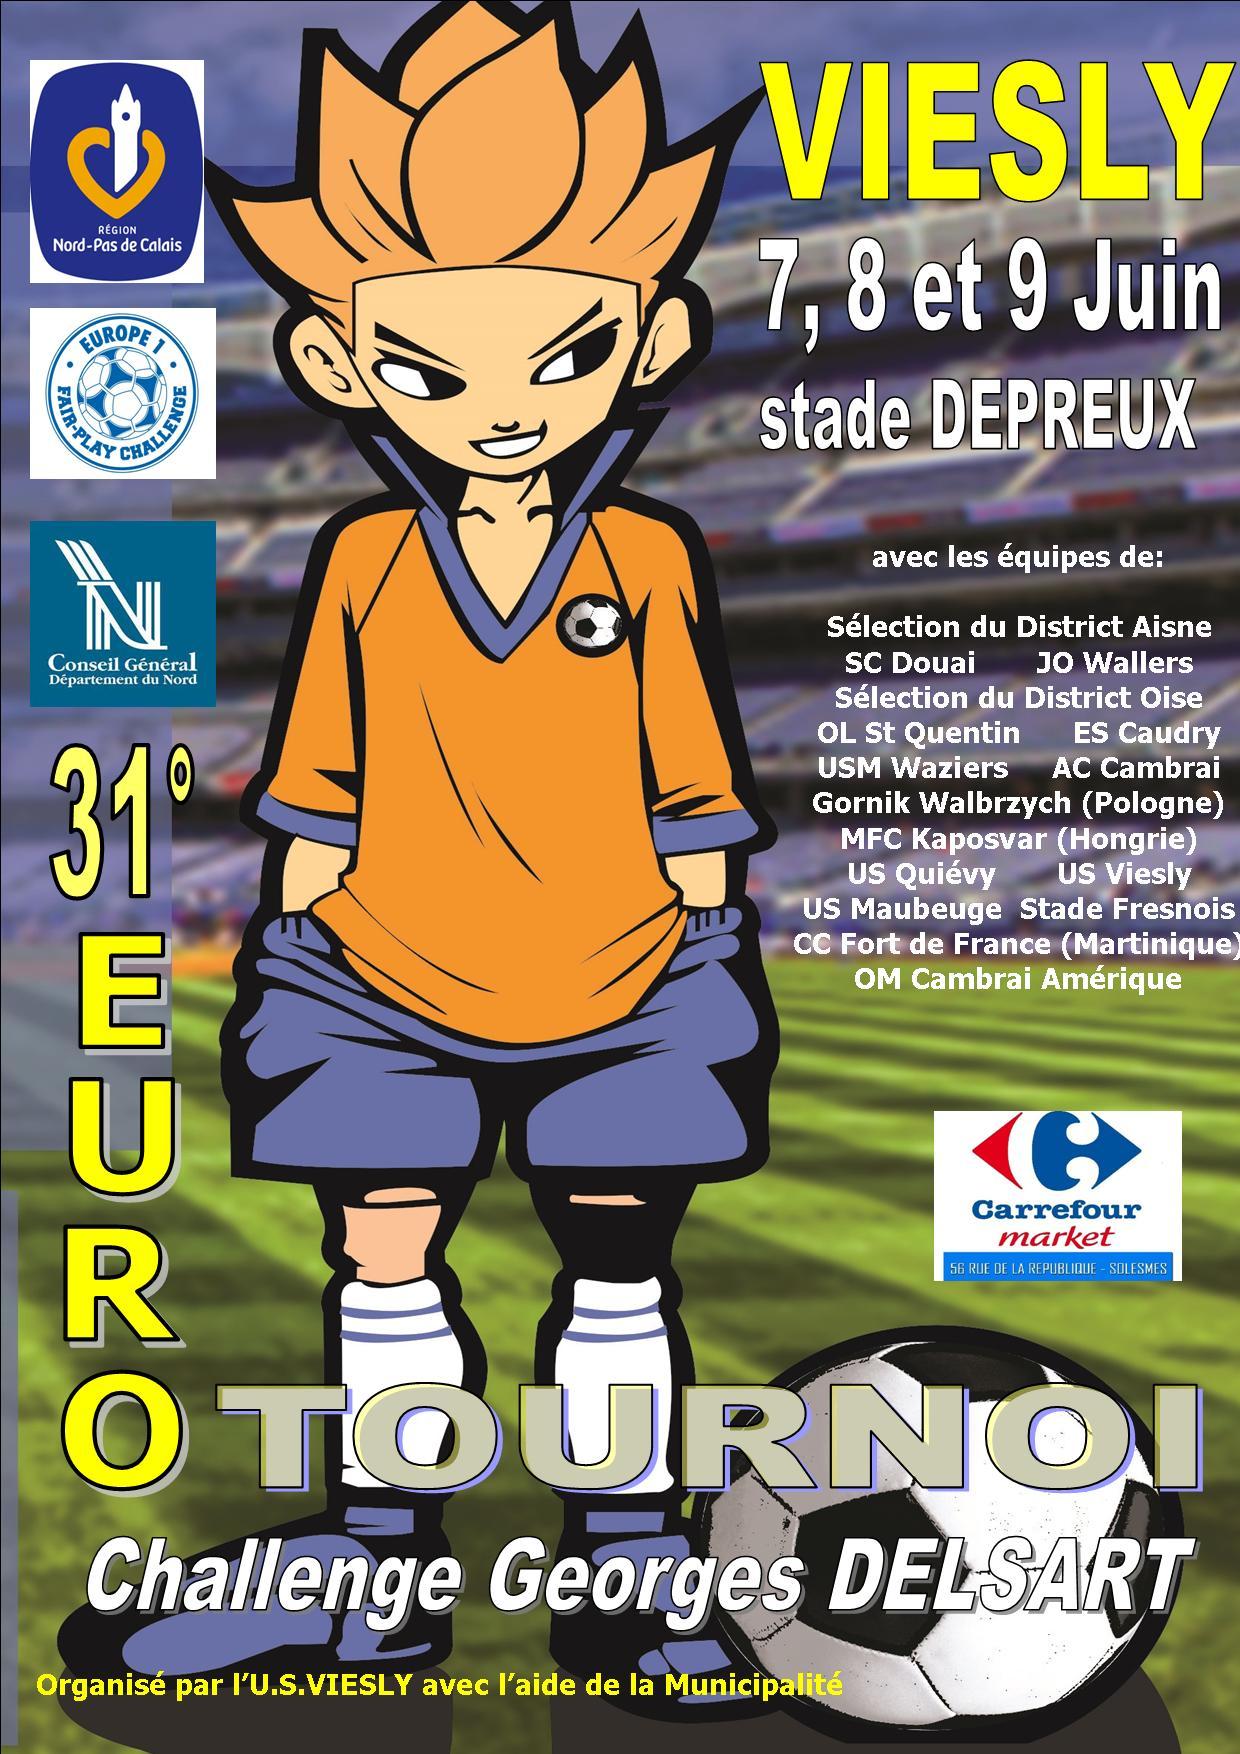 couverture eurotournoi 2014 pdf